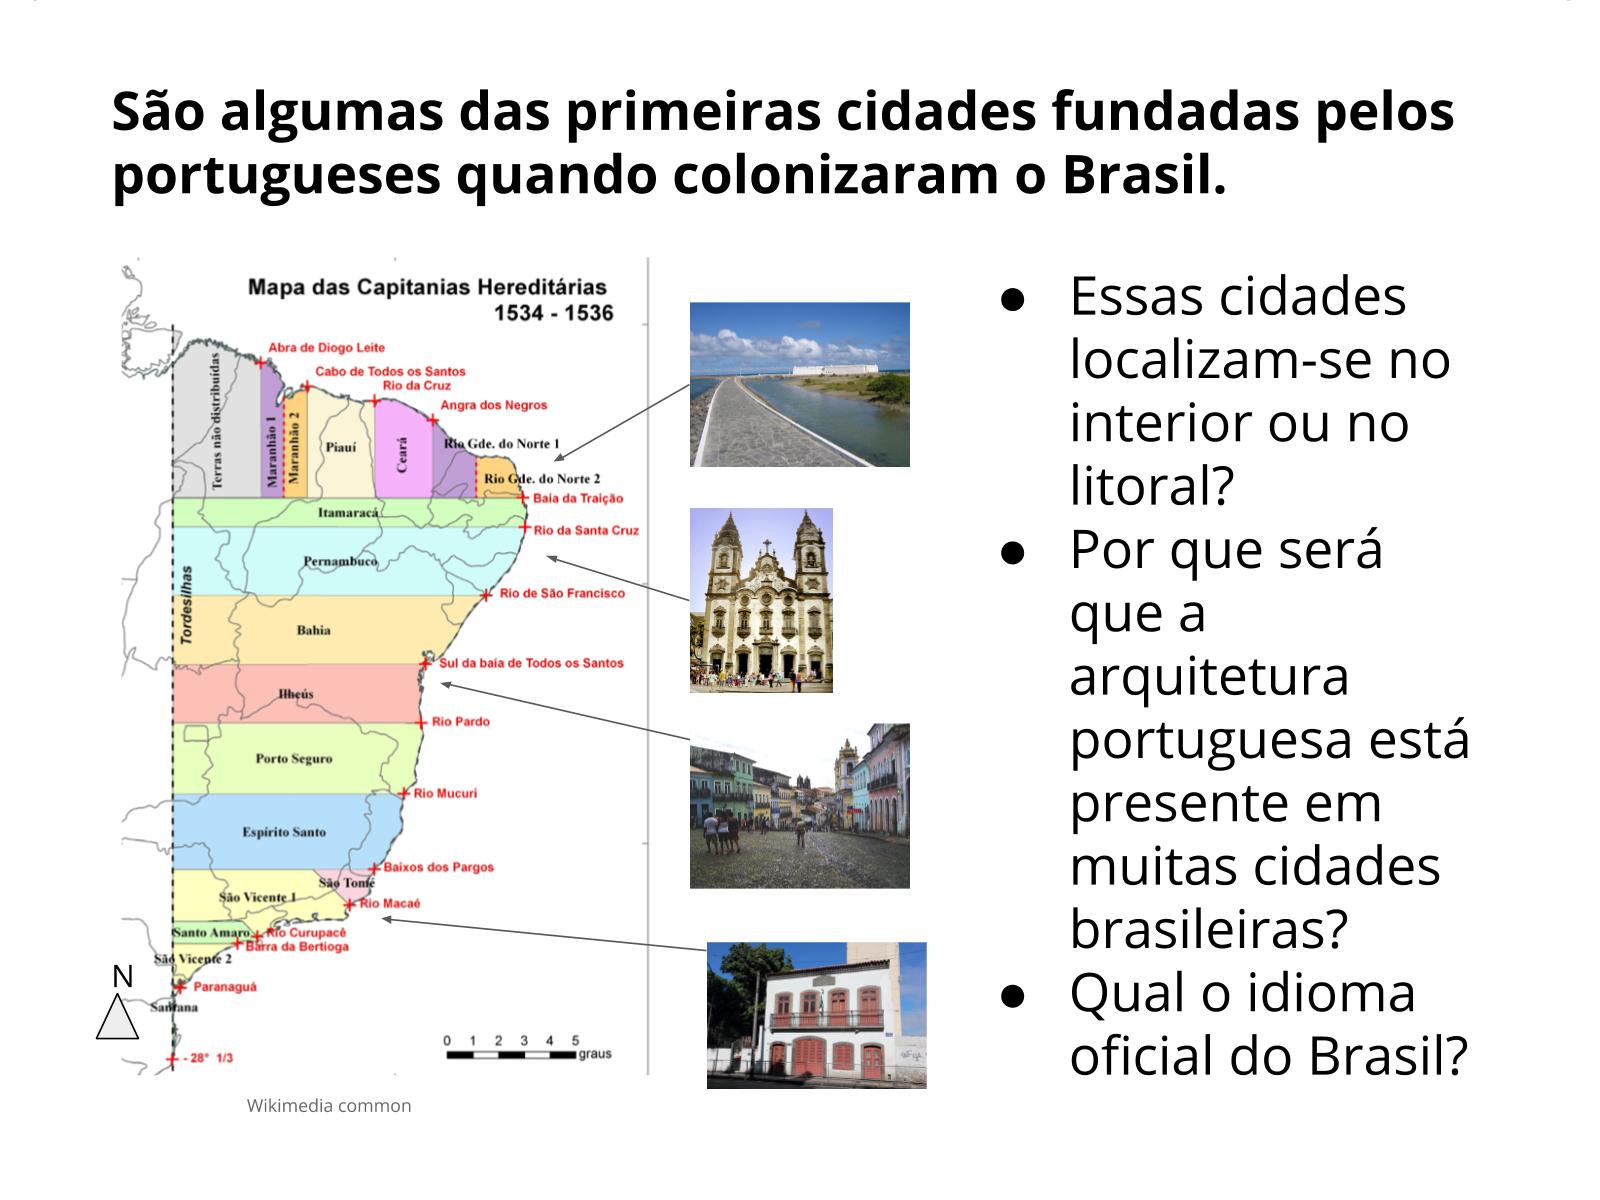 E os portugueses também migraram para o Brasil